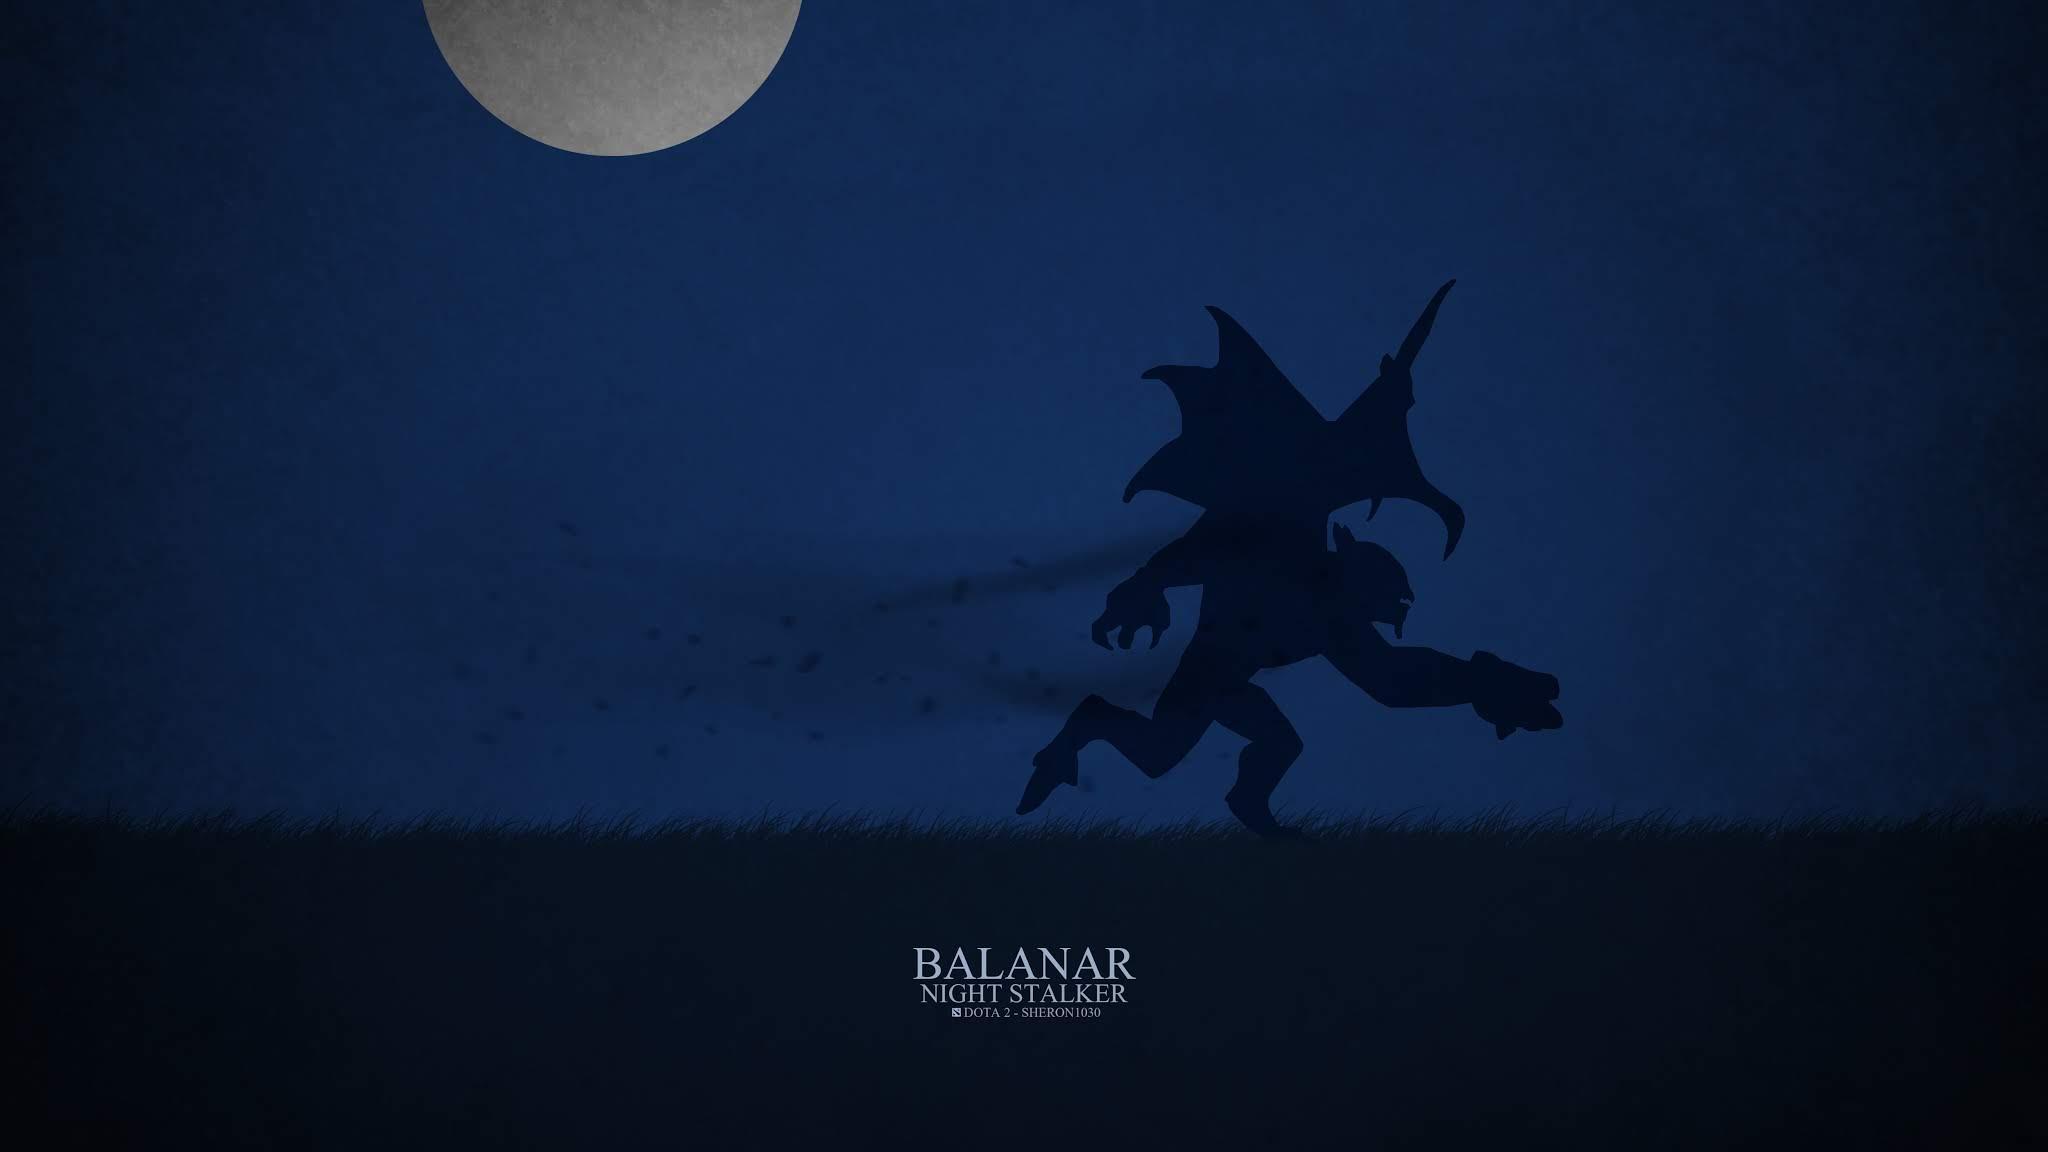 Night Stalker - Kị Sĩ Bóng Đêm sẽ trở lại vị trí Carry? (Ảnh 4)